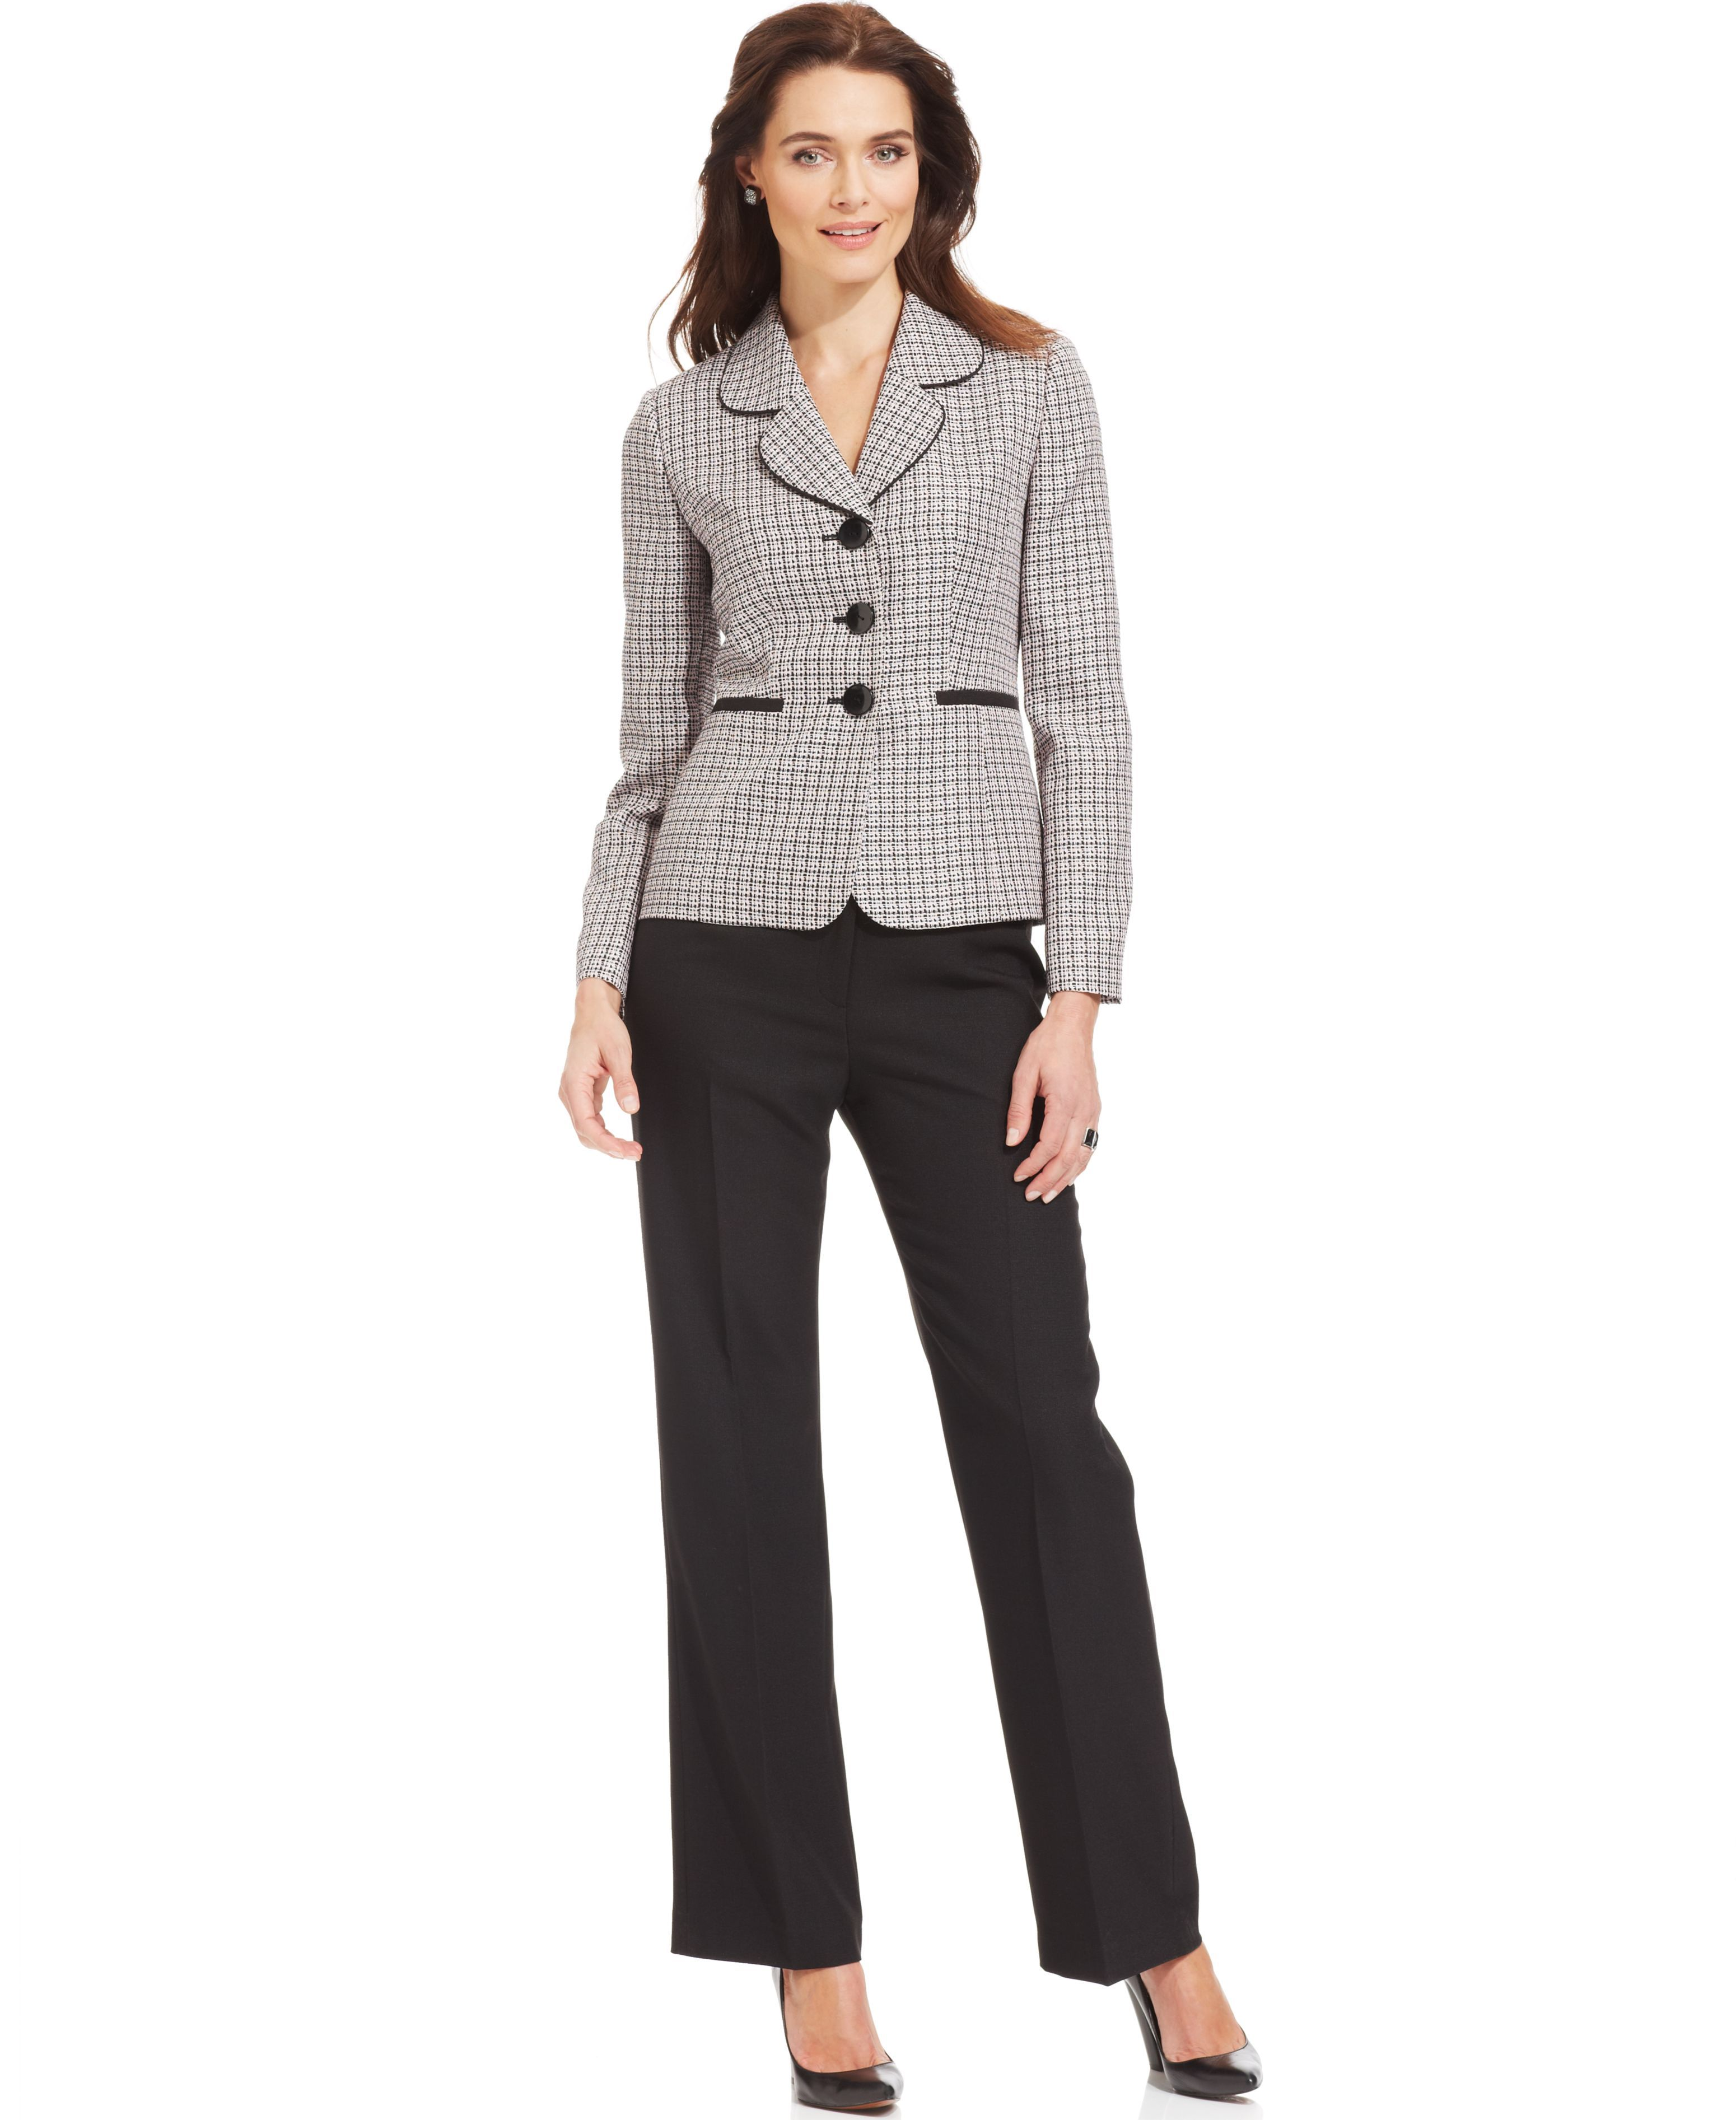 0c7ffc2fbe78 MACYS Le Suit Petite Tweed Jacket Pantsuit 1995464_fpx ----- Daniella Van  Graas